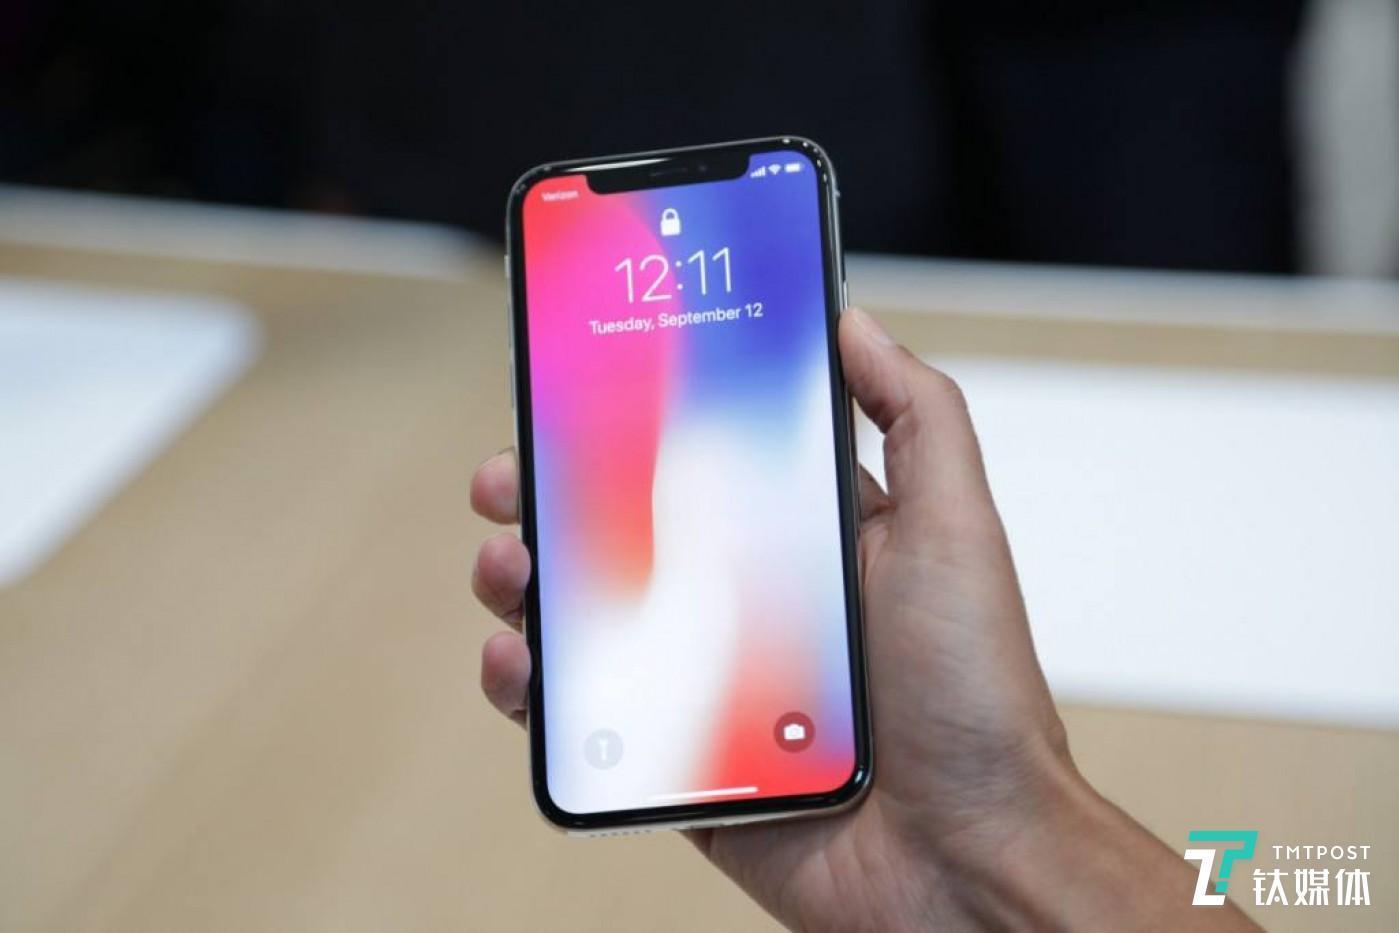 (苹果iPhone X 被吐槽的刘海屏,图片来源网易科技)